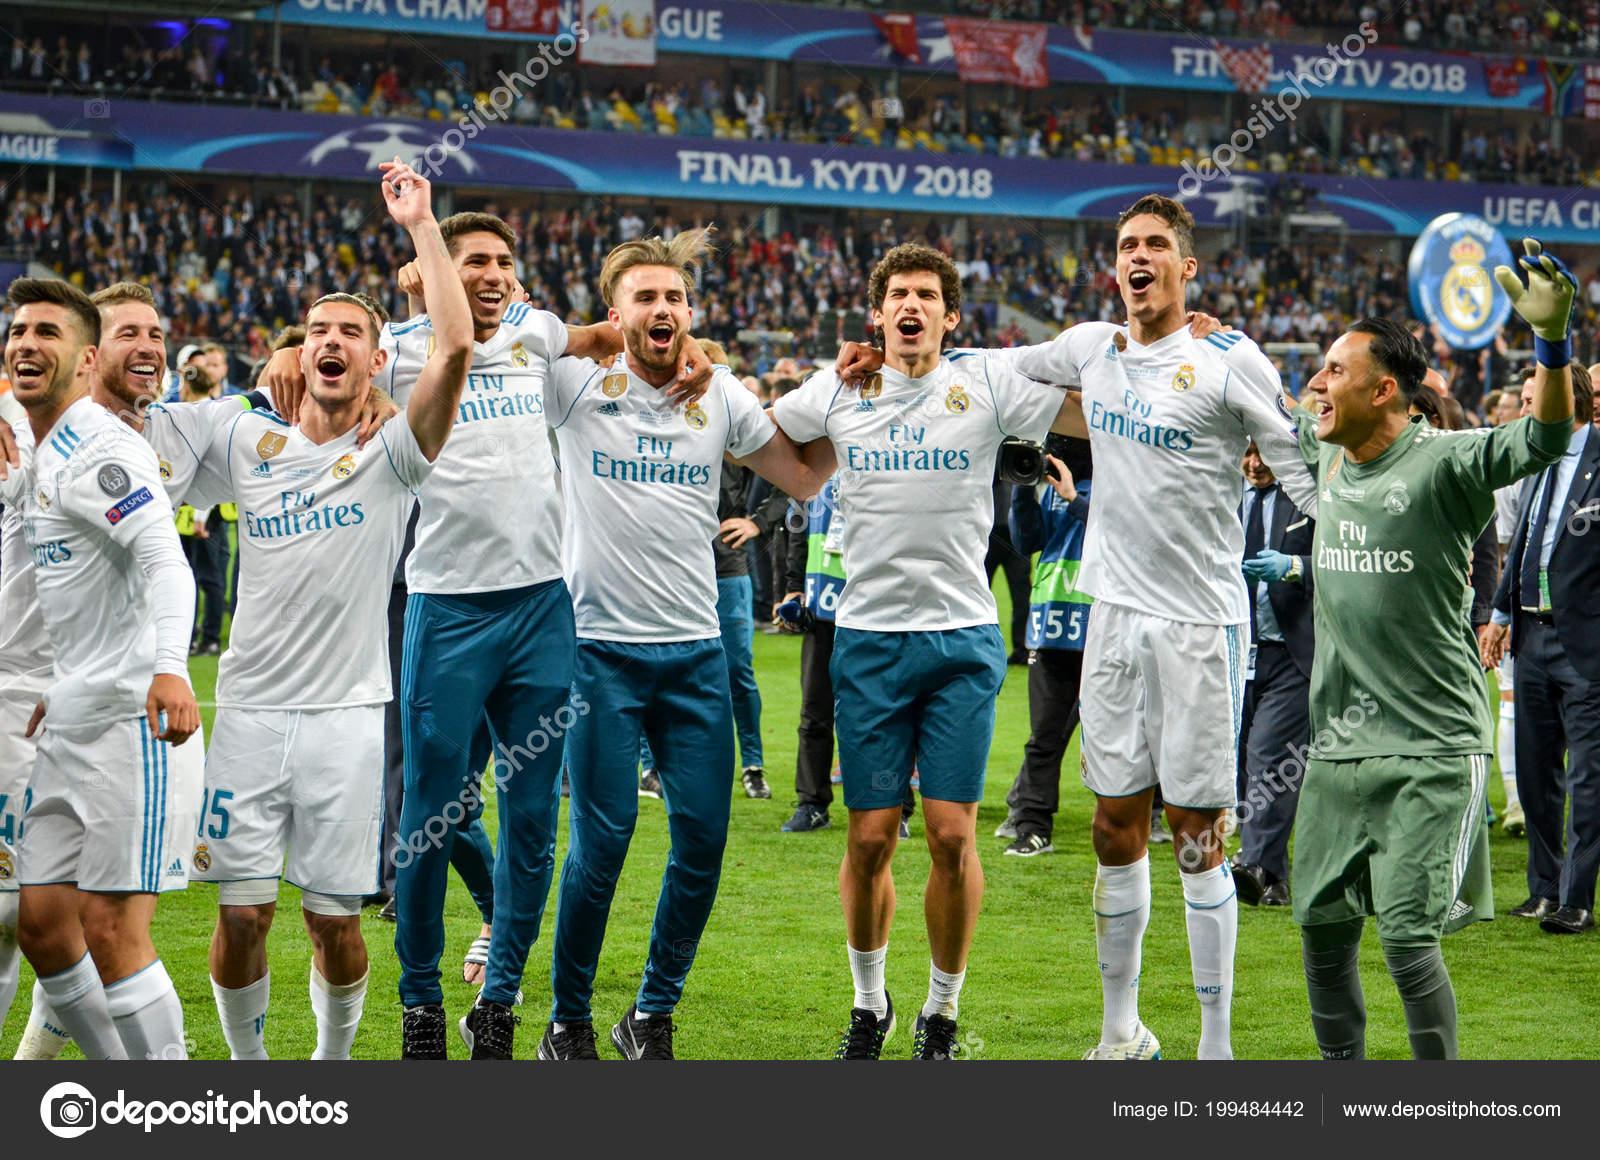 Kyiv Ukraine May 2018 Footballers Real Madrid Celebrate